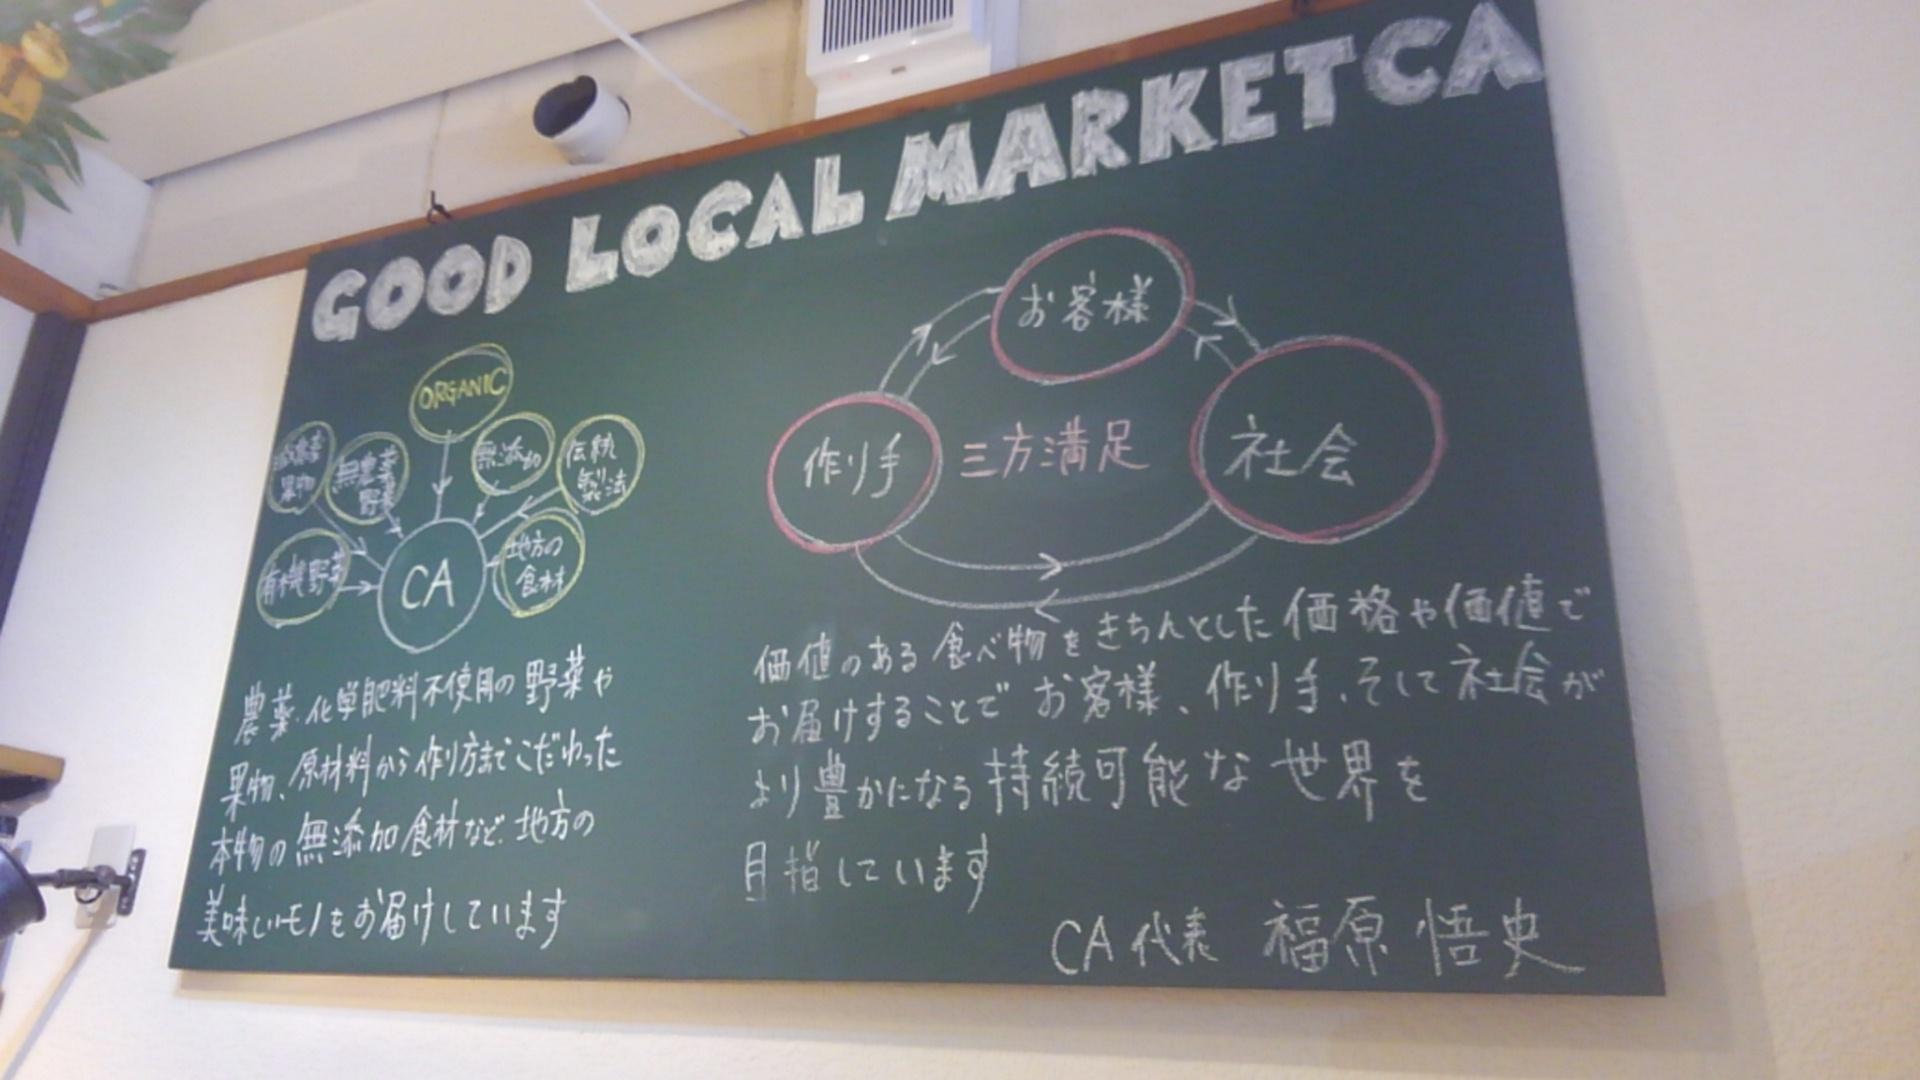 グット・ローカル・マーケット・シーエー